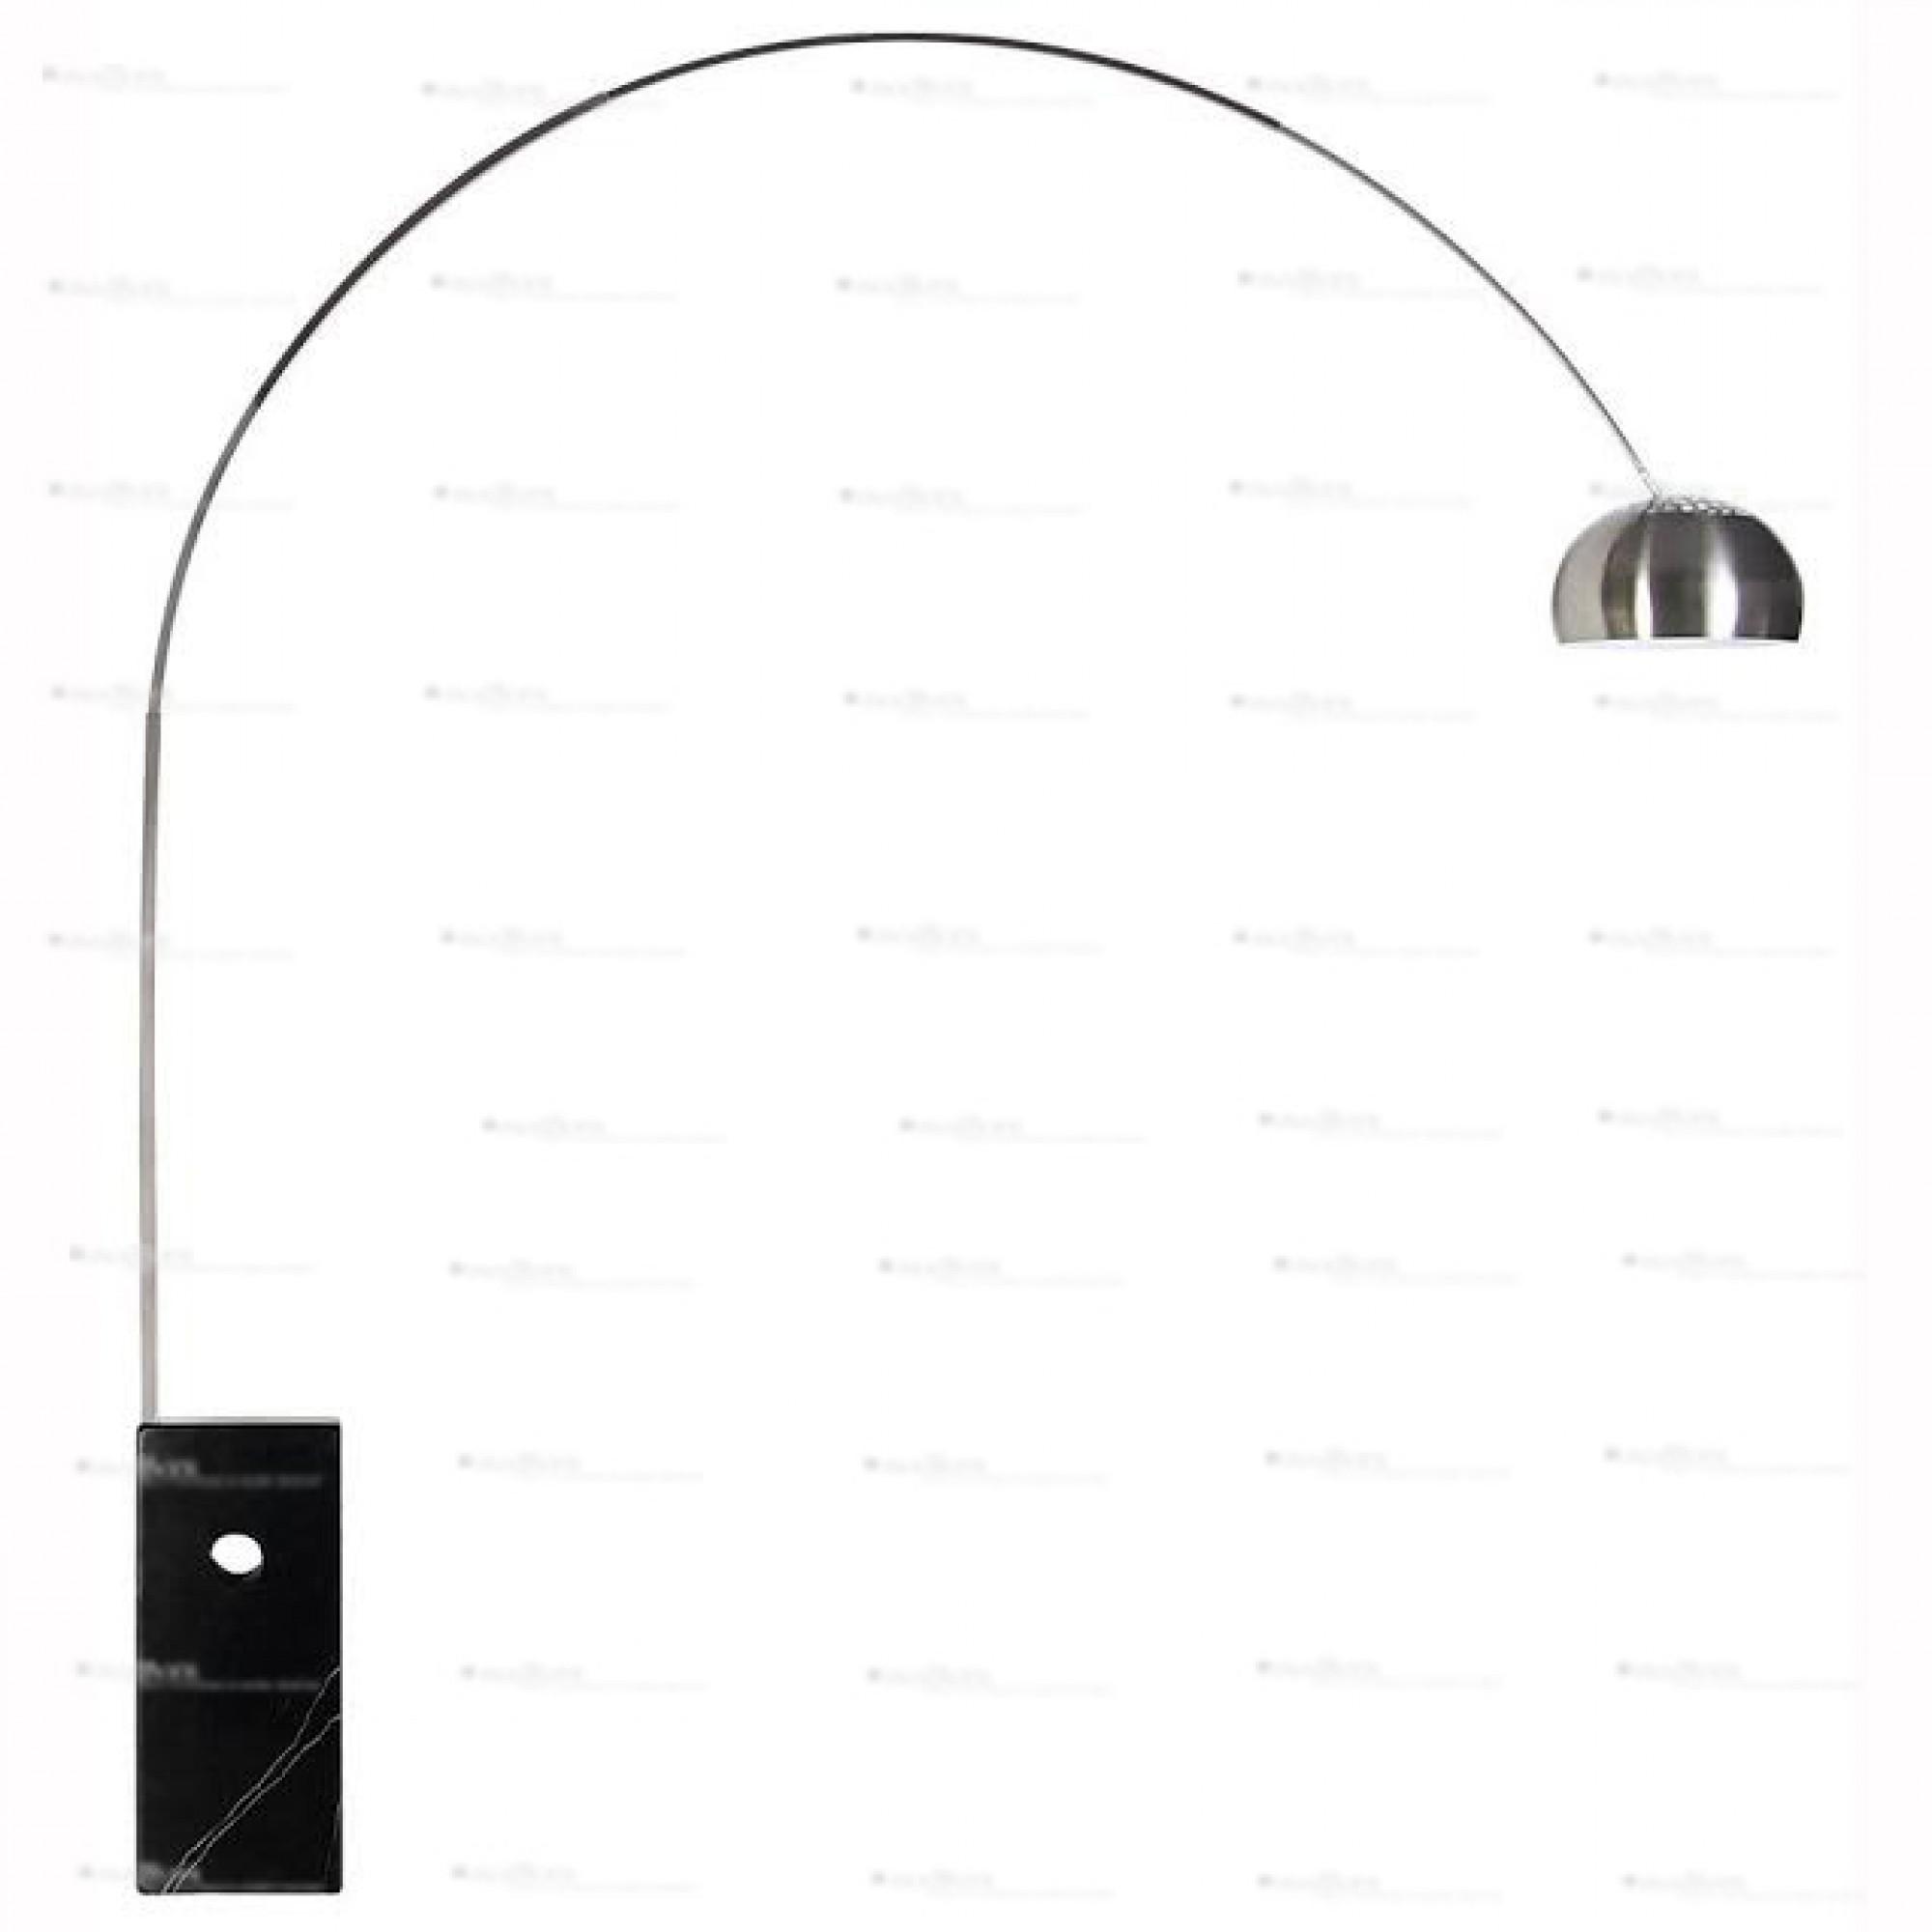 achille castiglioni style arco lamp black. Black Bedroom Furniture Sets. Home Design Ideas